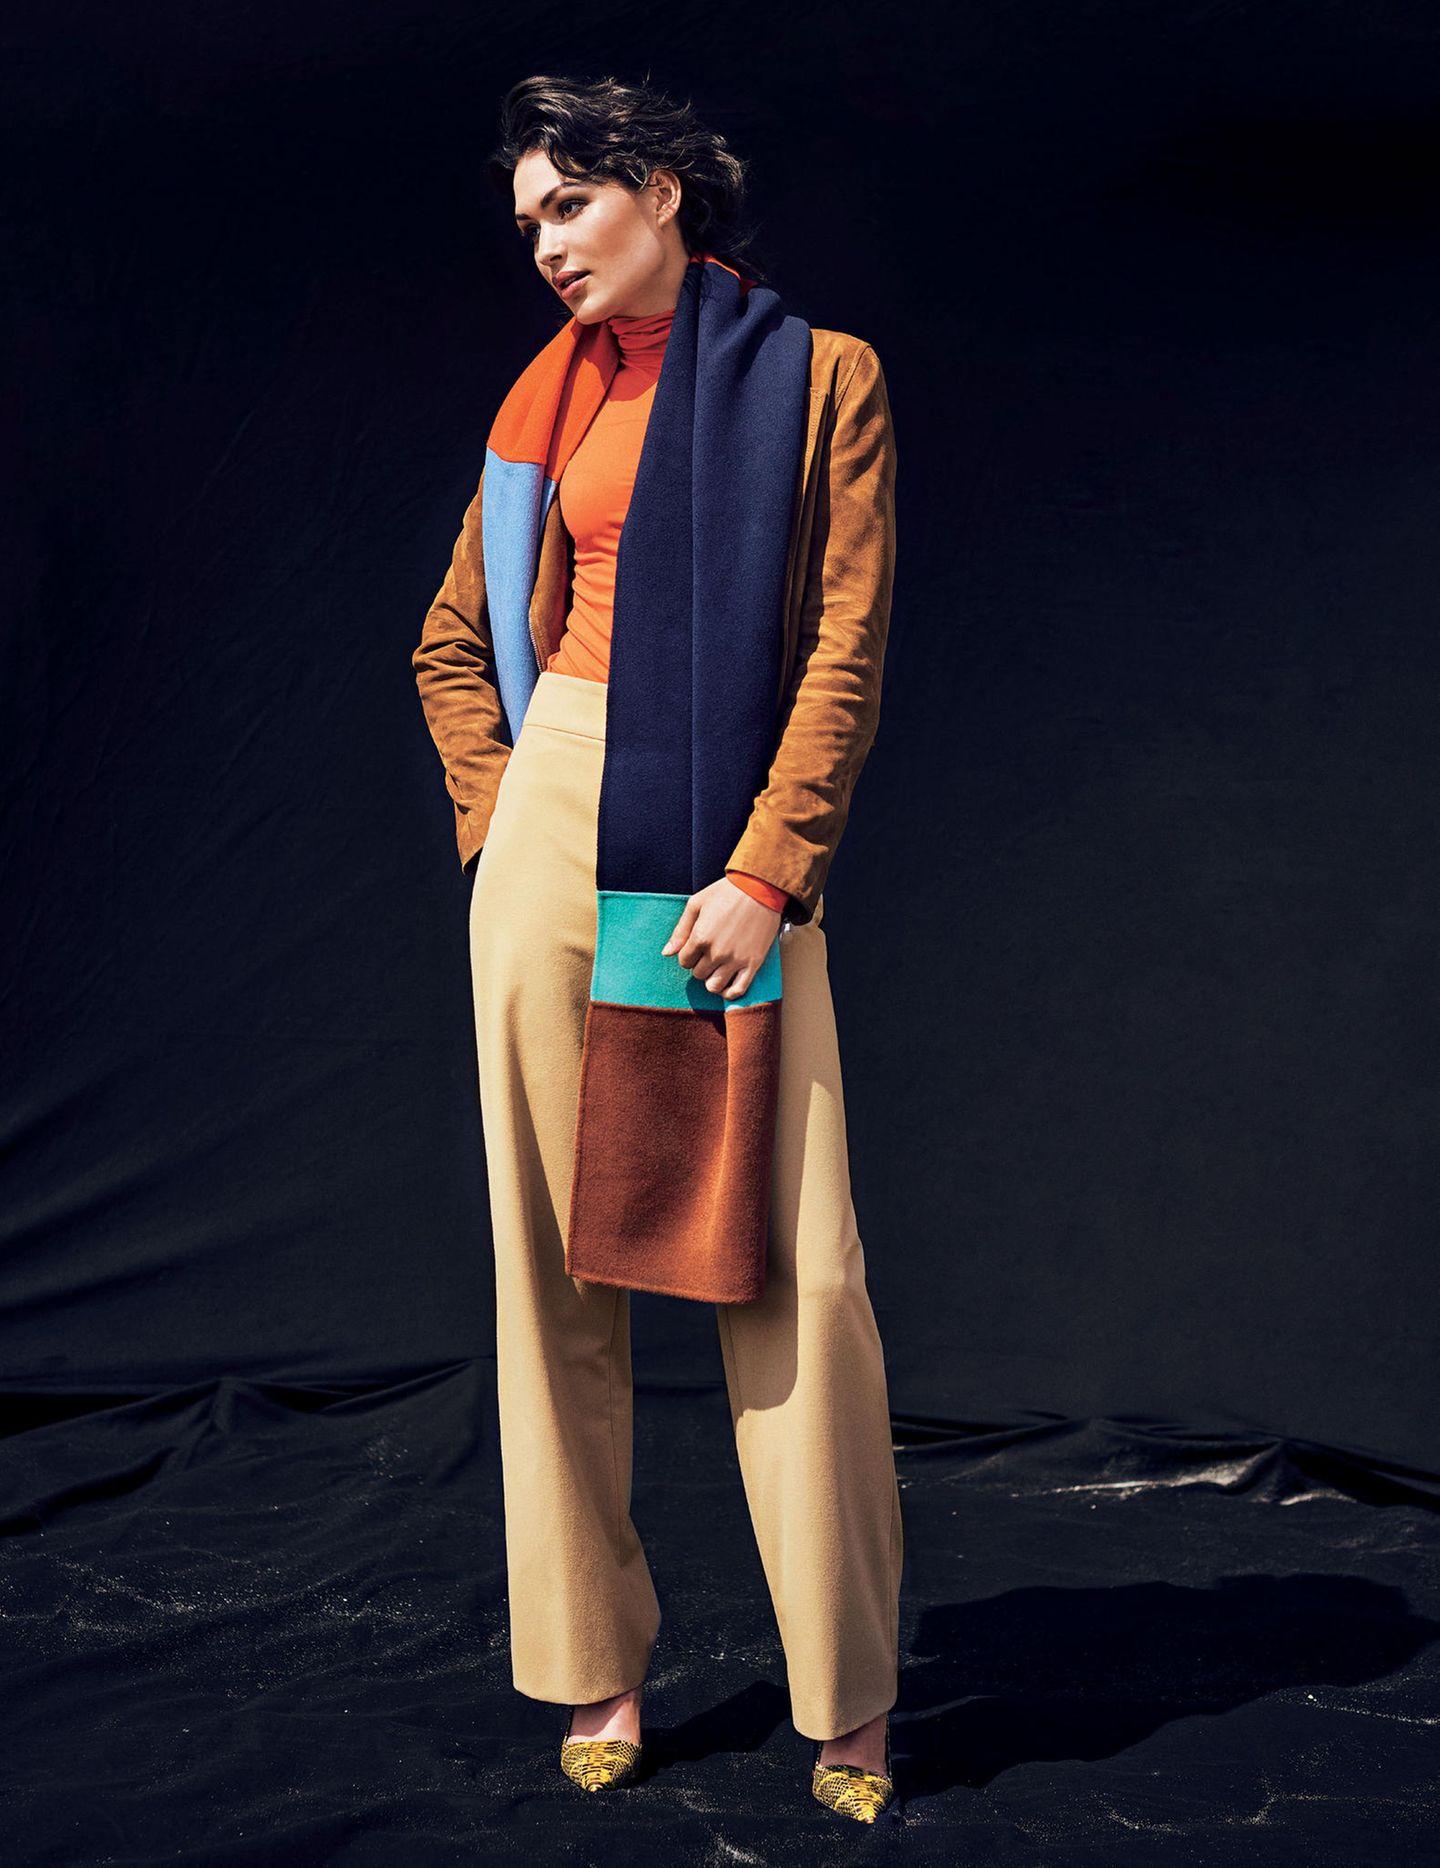 Frau trägt camelfarbenen Mantel und bunten Schal